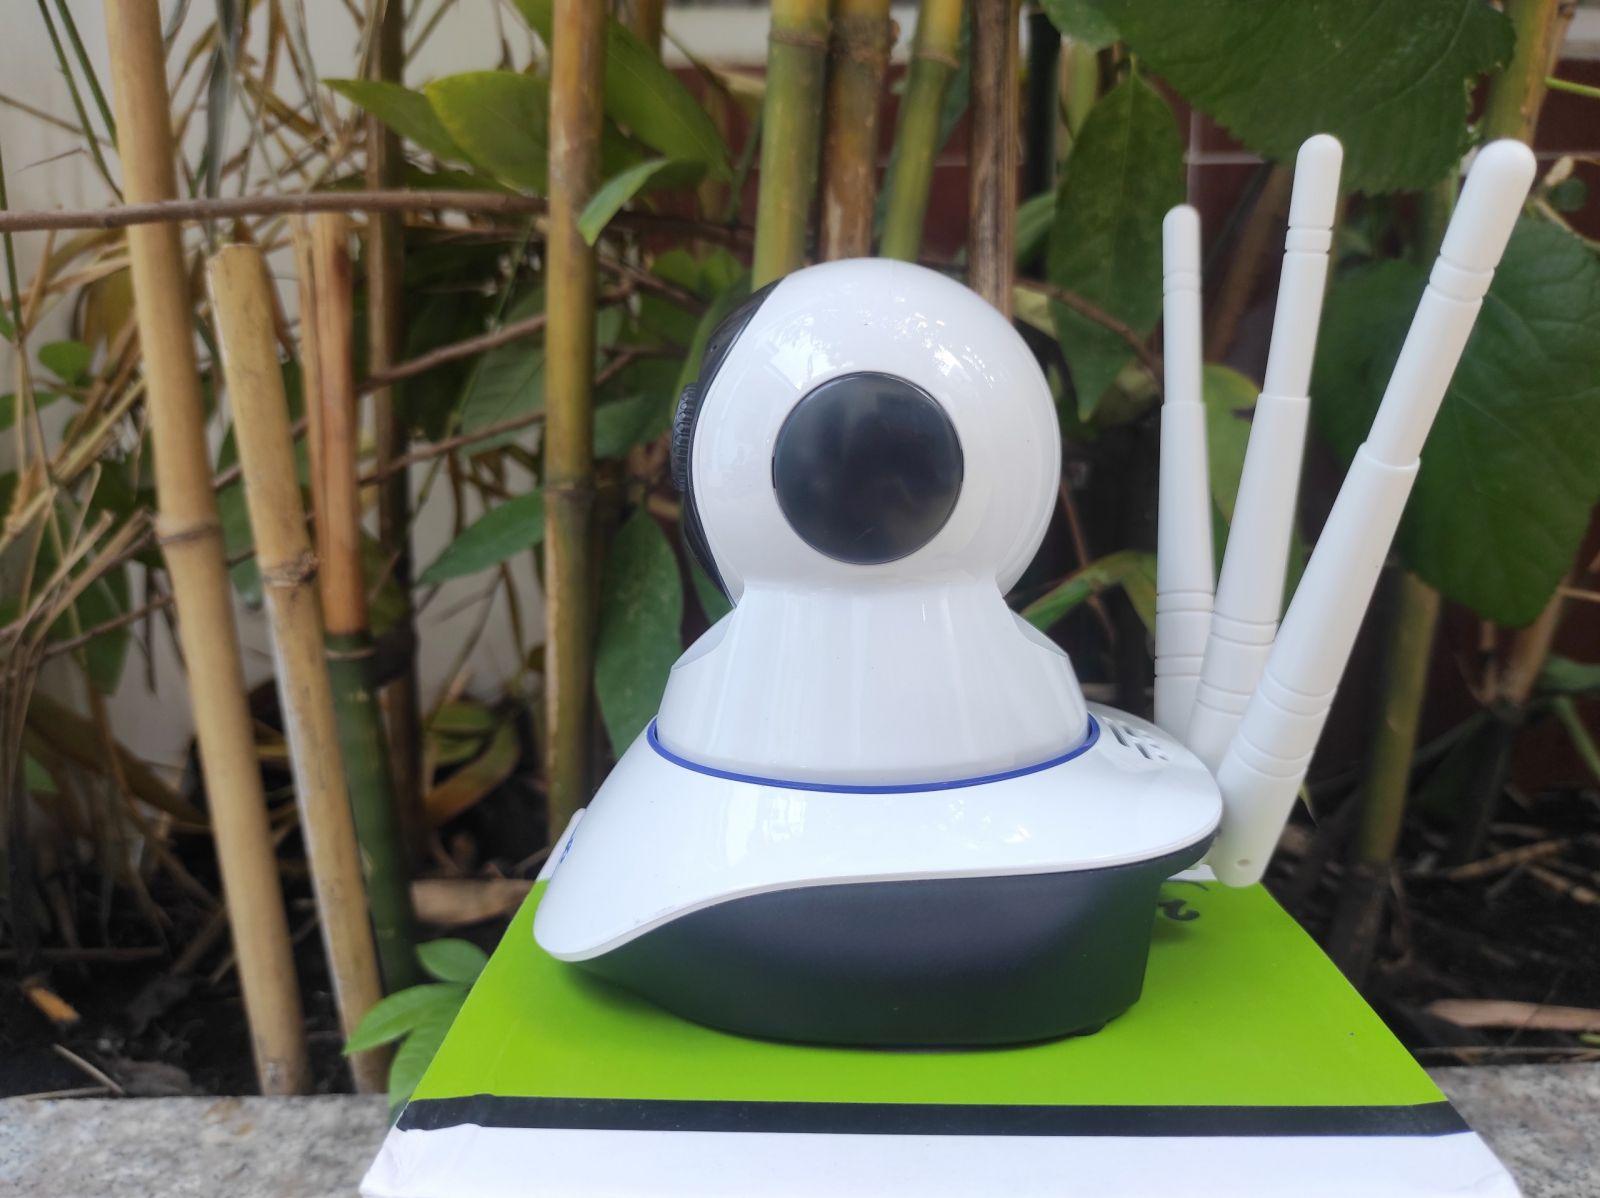 Camera Wifi Yoosee 3 Râu 3.0